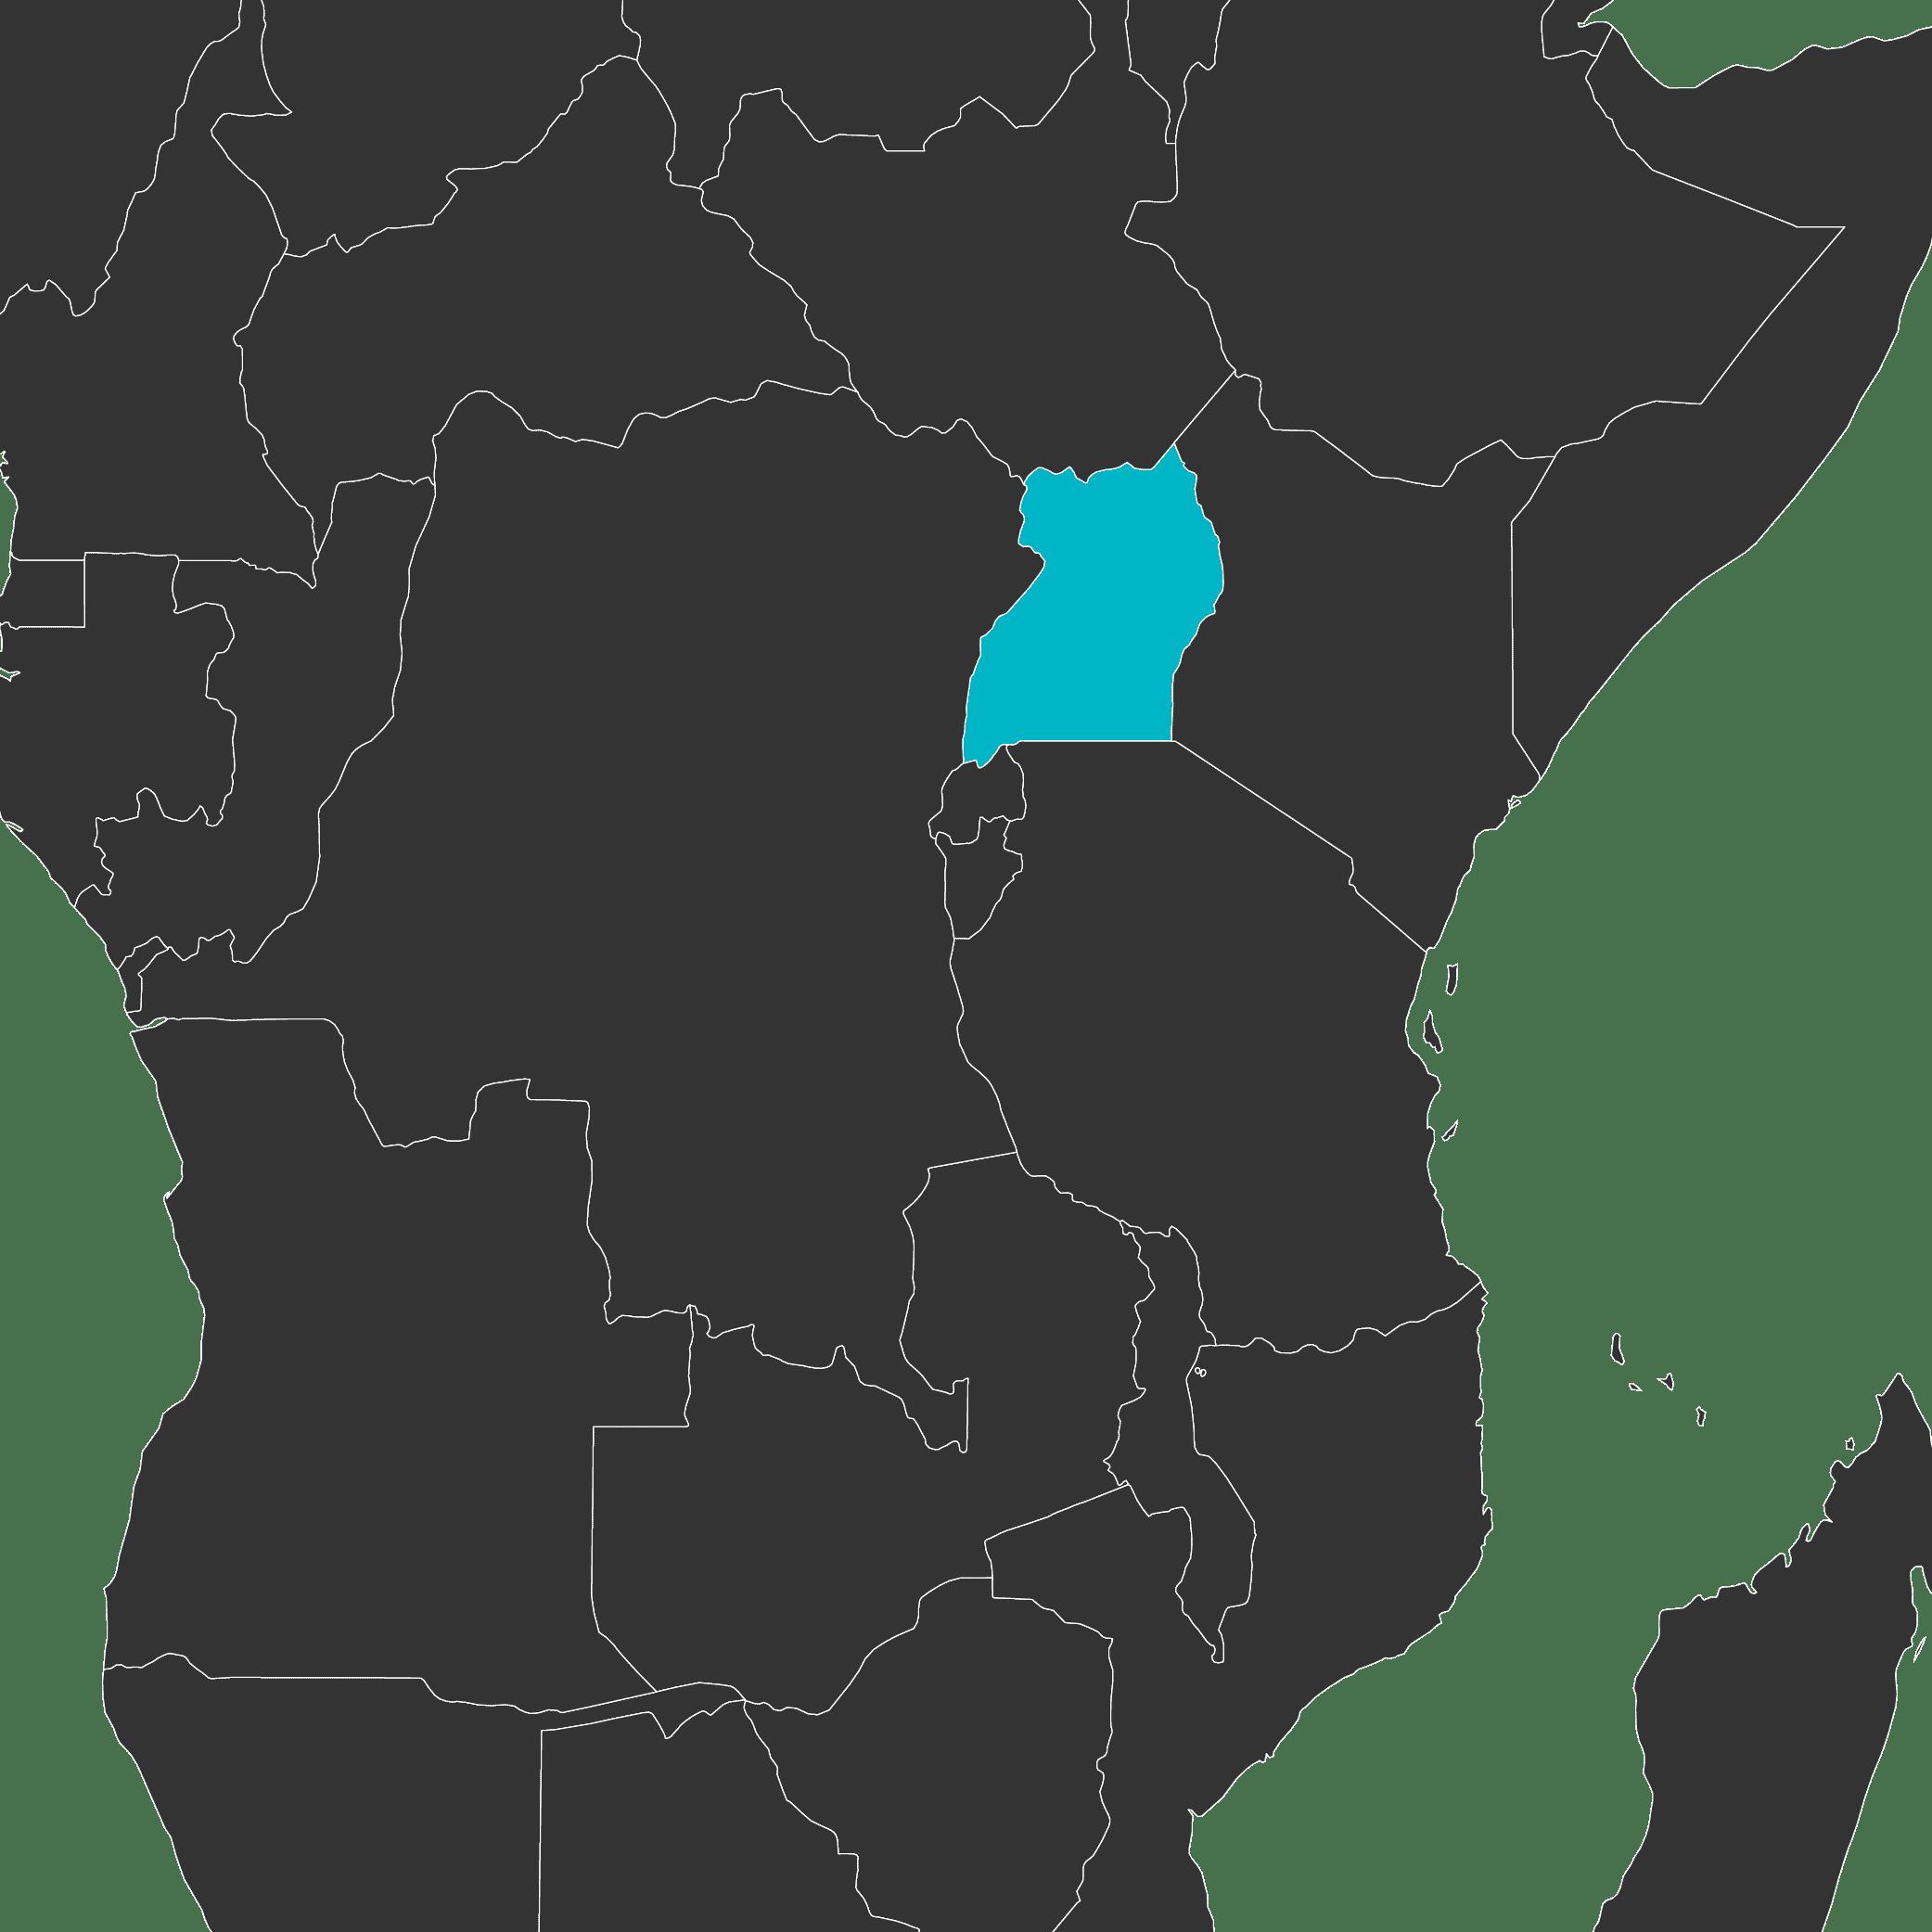 UGANDA: Eco-Industrial Park